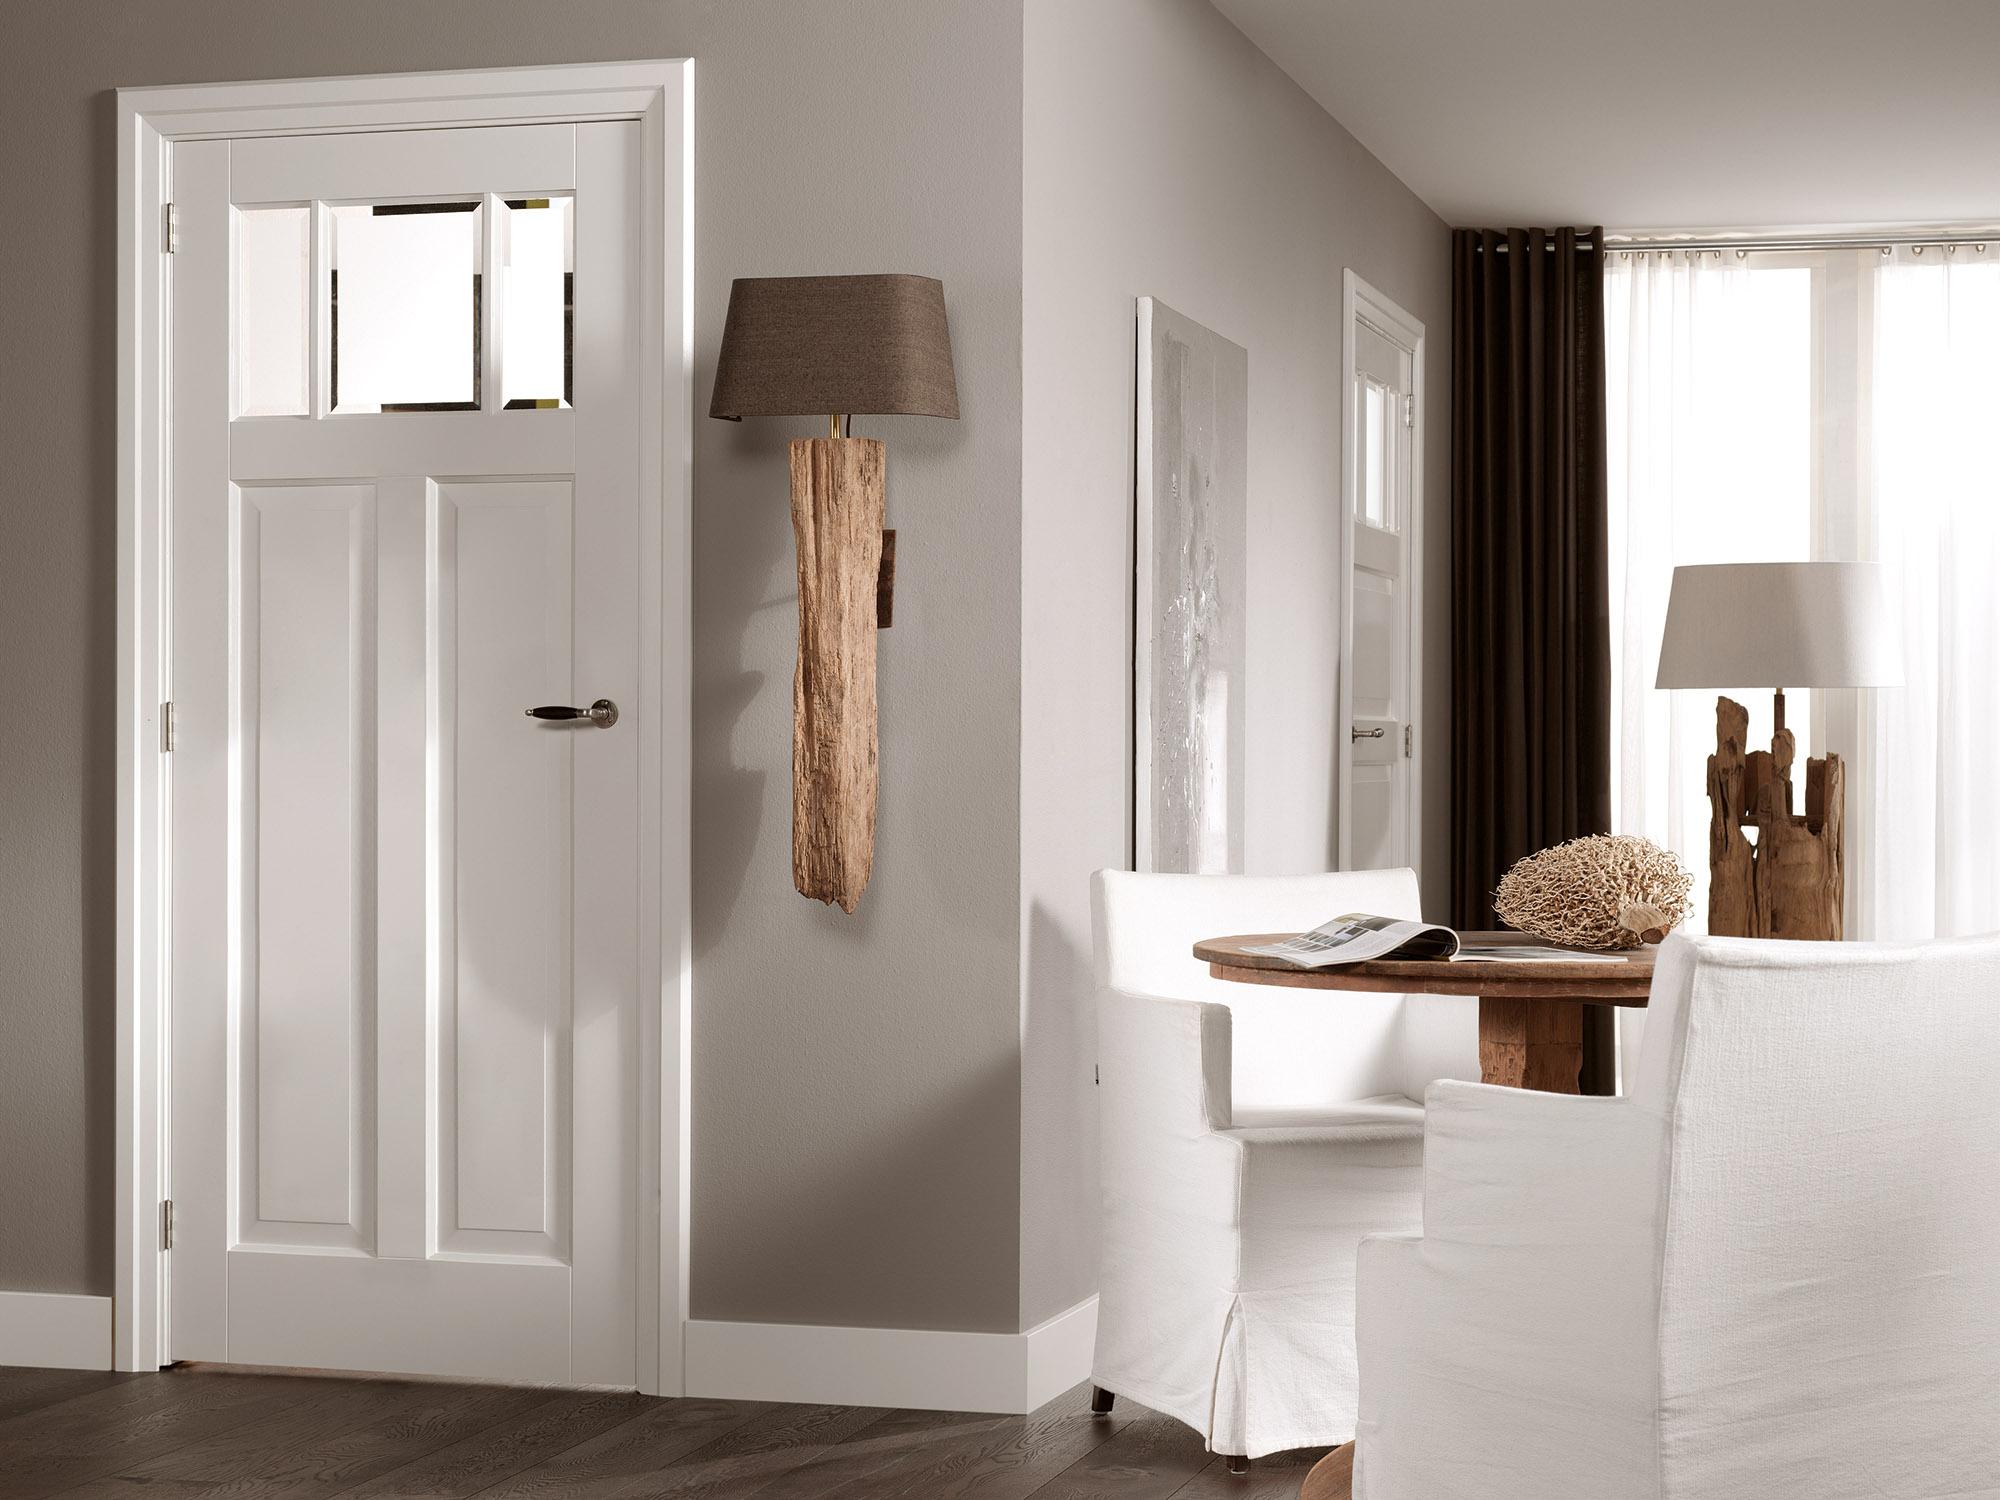 Emejing Deur Woonkamer Ideas - Moderne huis - clientstat.us